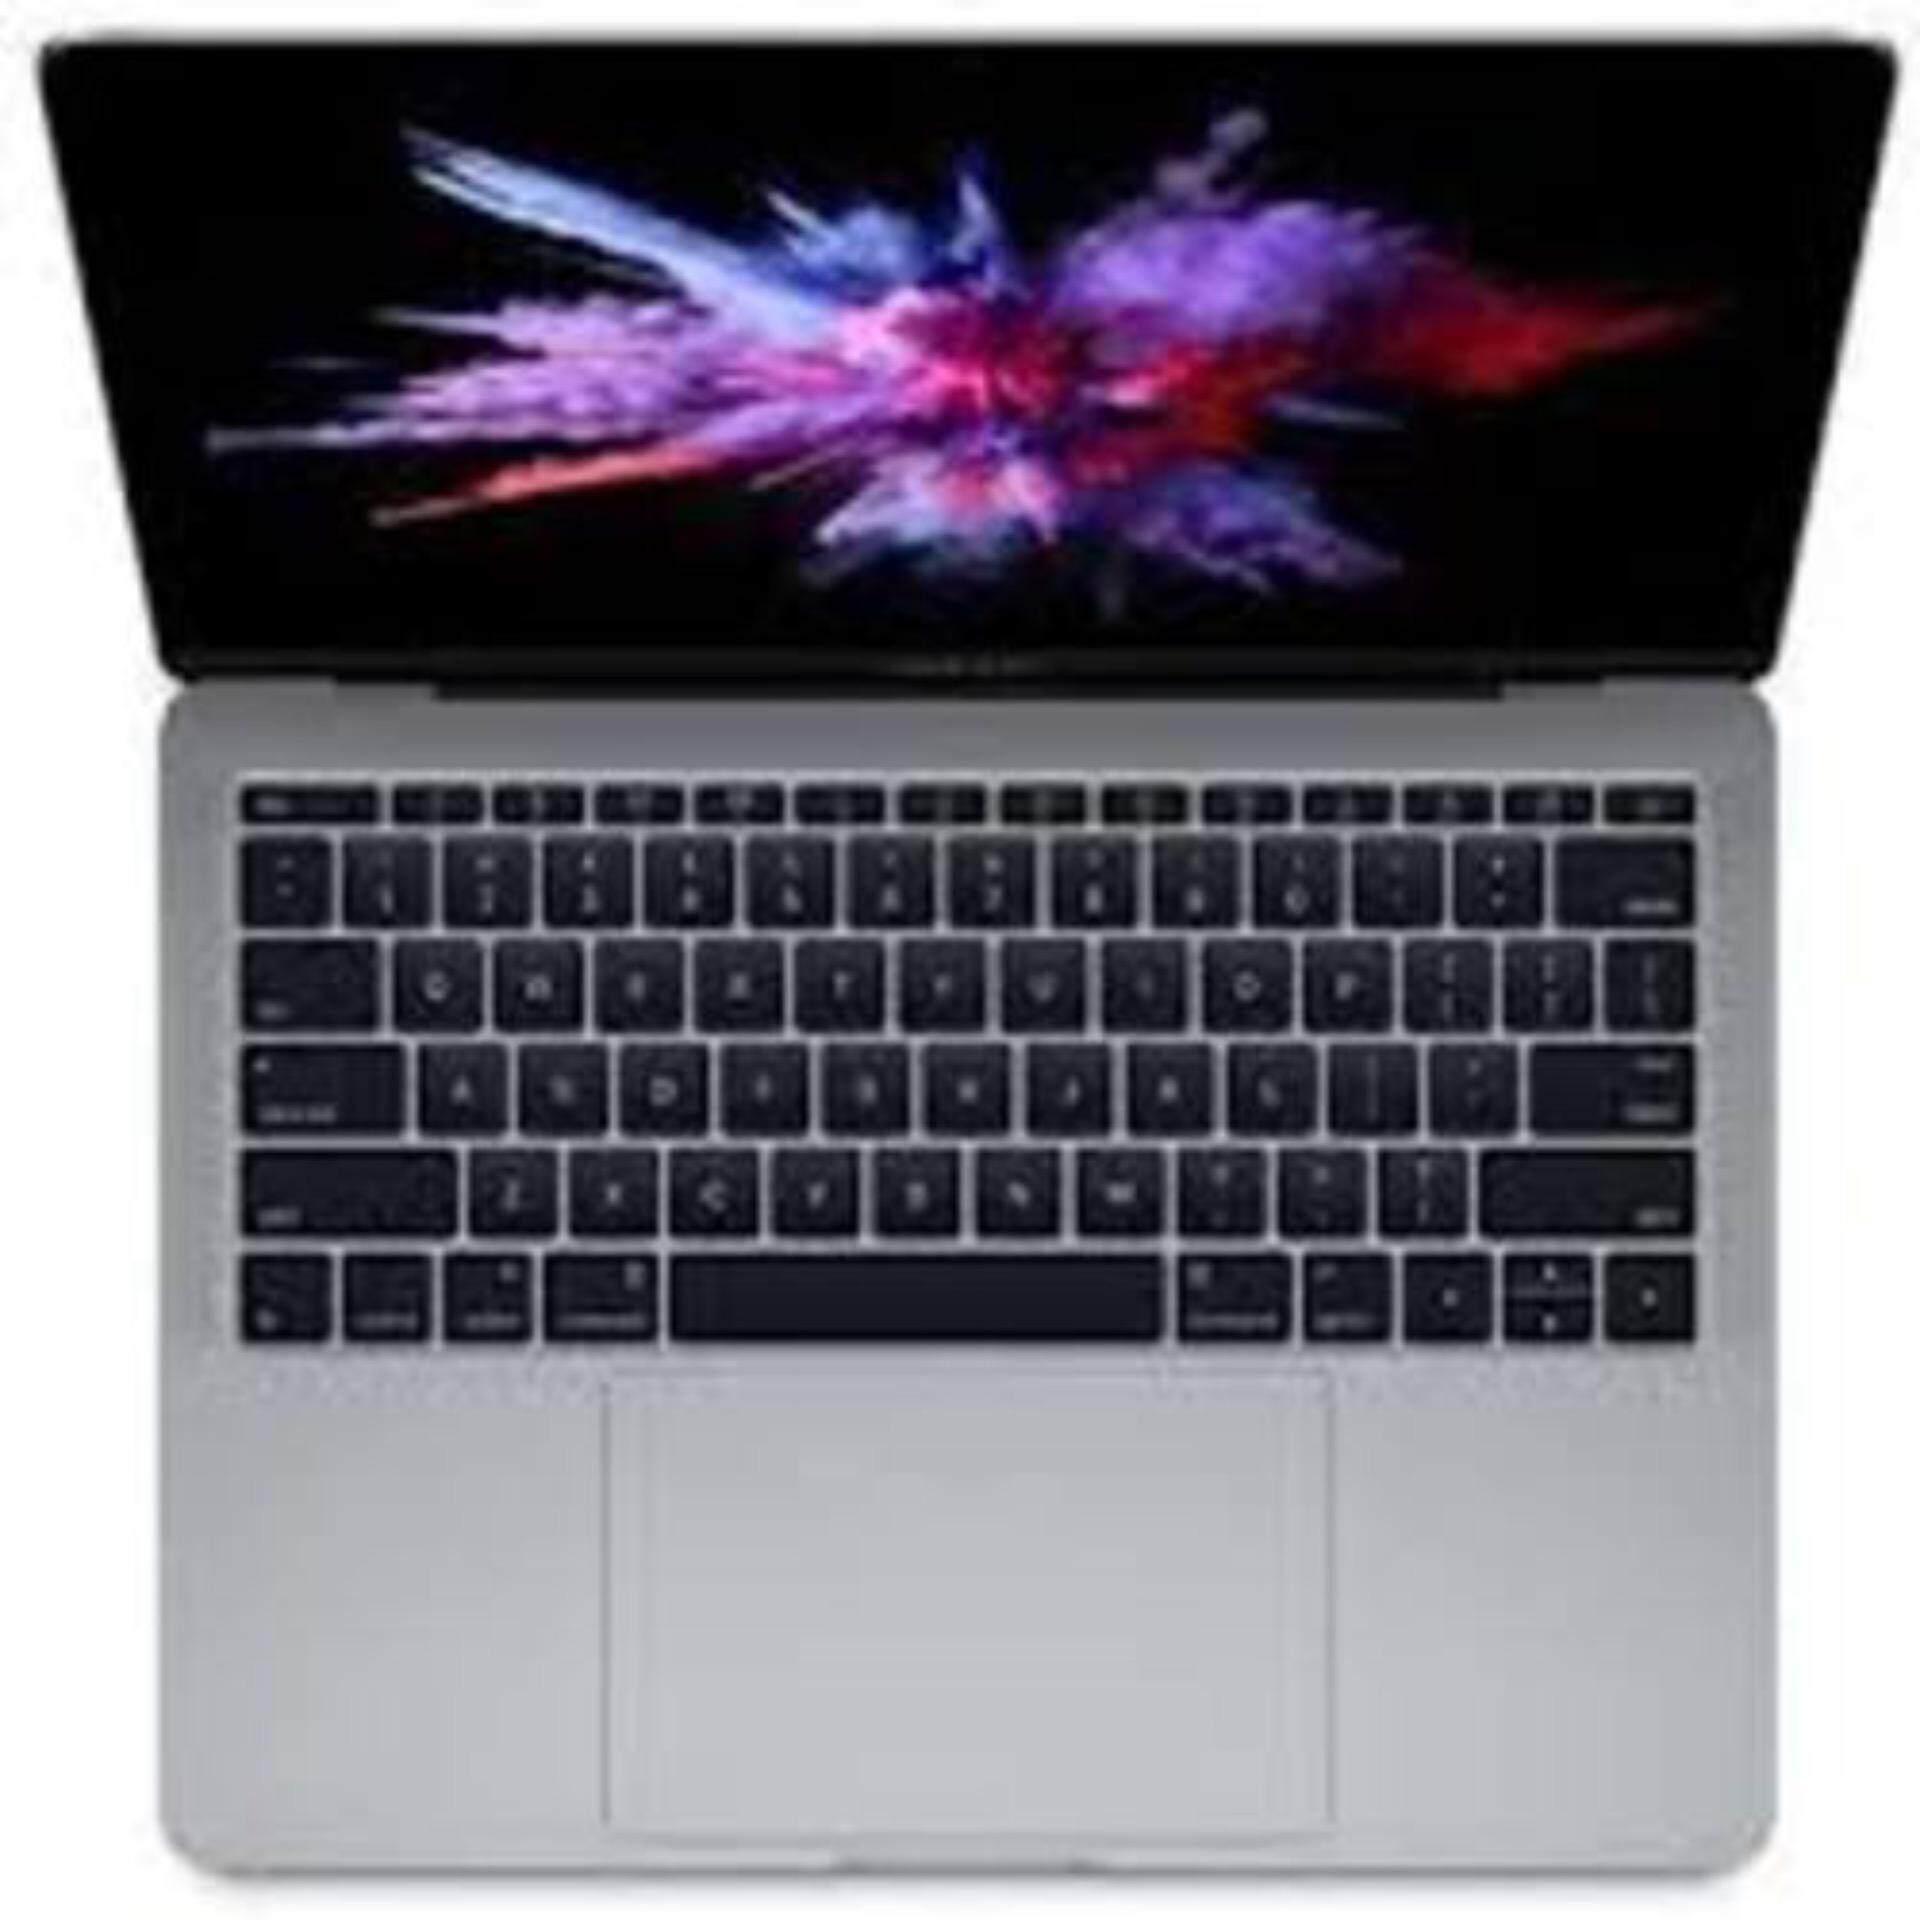 MacBook Pro 13.3 (2.0GHz / 8GB / 256GB Storage) Silver Malaysia